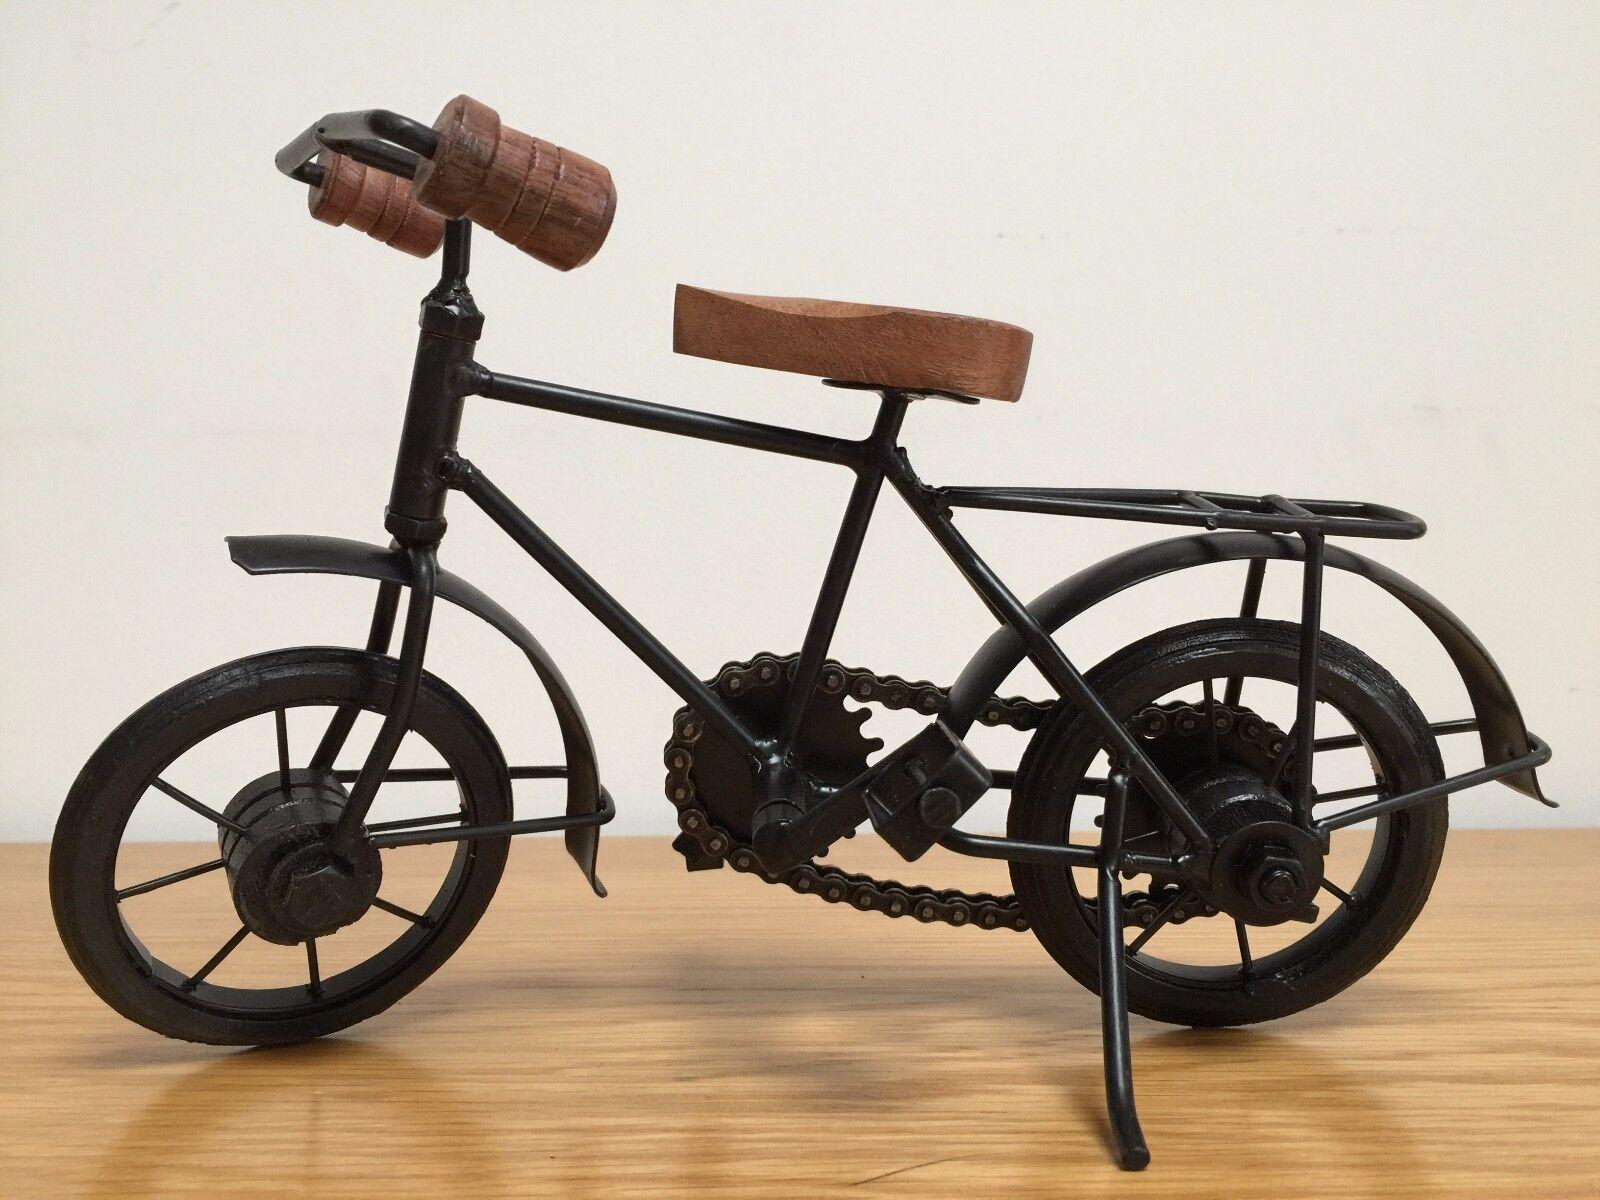 Miniatura METALLO IN METALLO Miniatura in legno classico modello di biciclette artigianali Indiano 185a4e